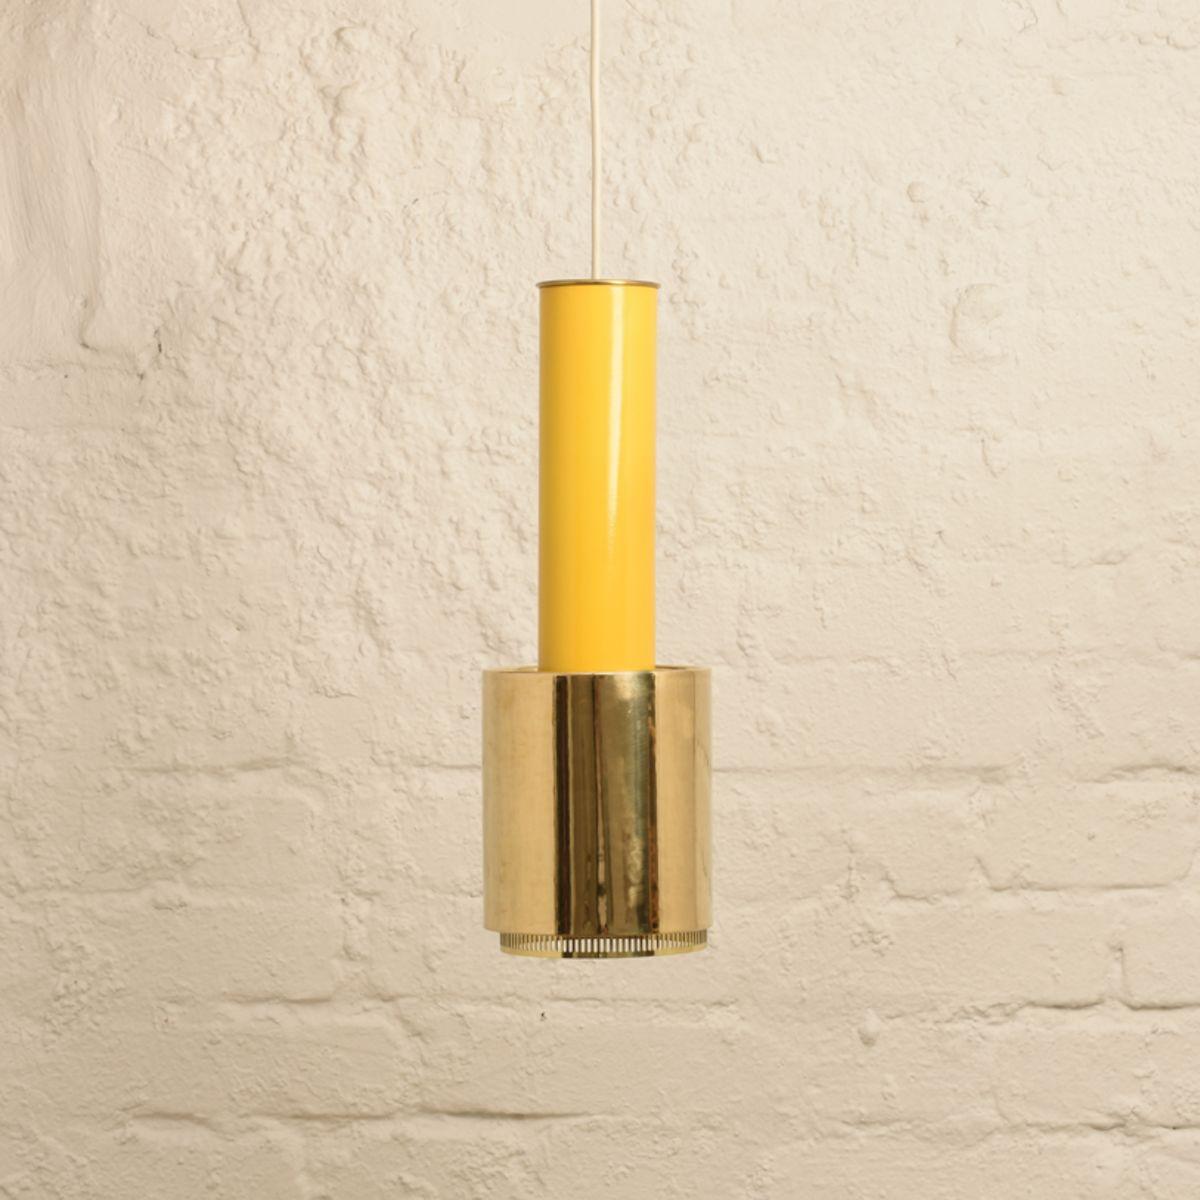 Aalto-Alvar_a110-pendant-lamp